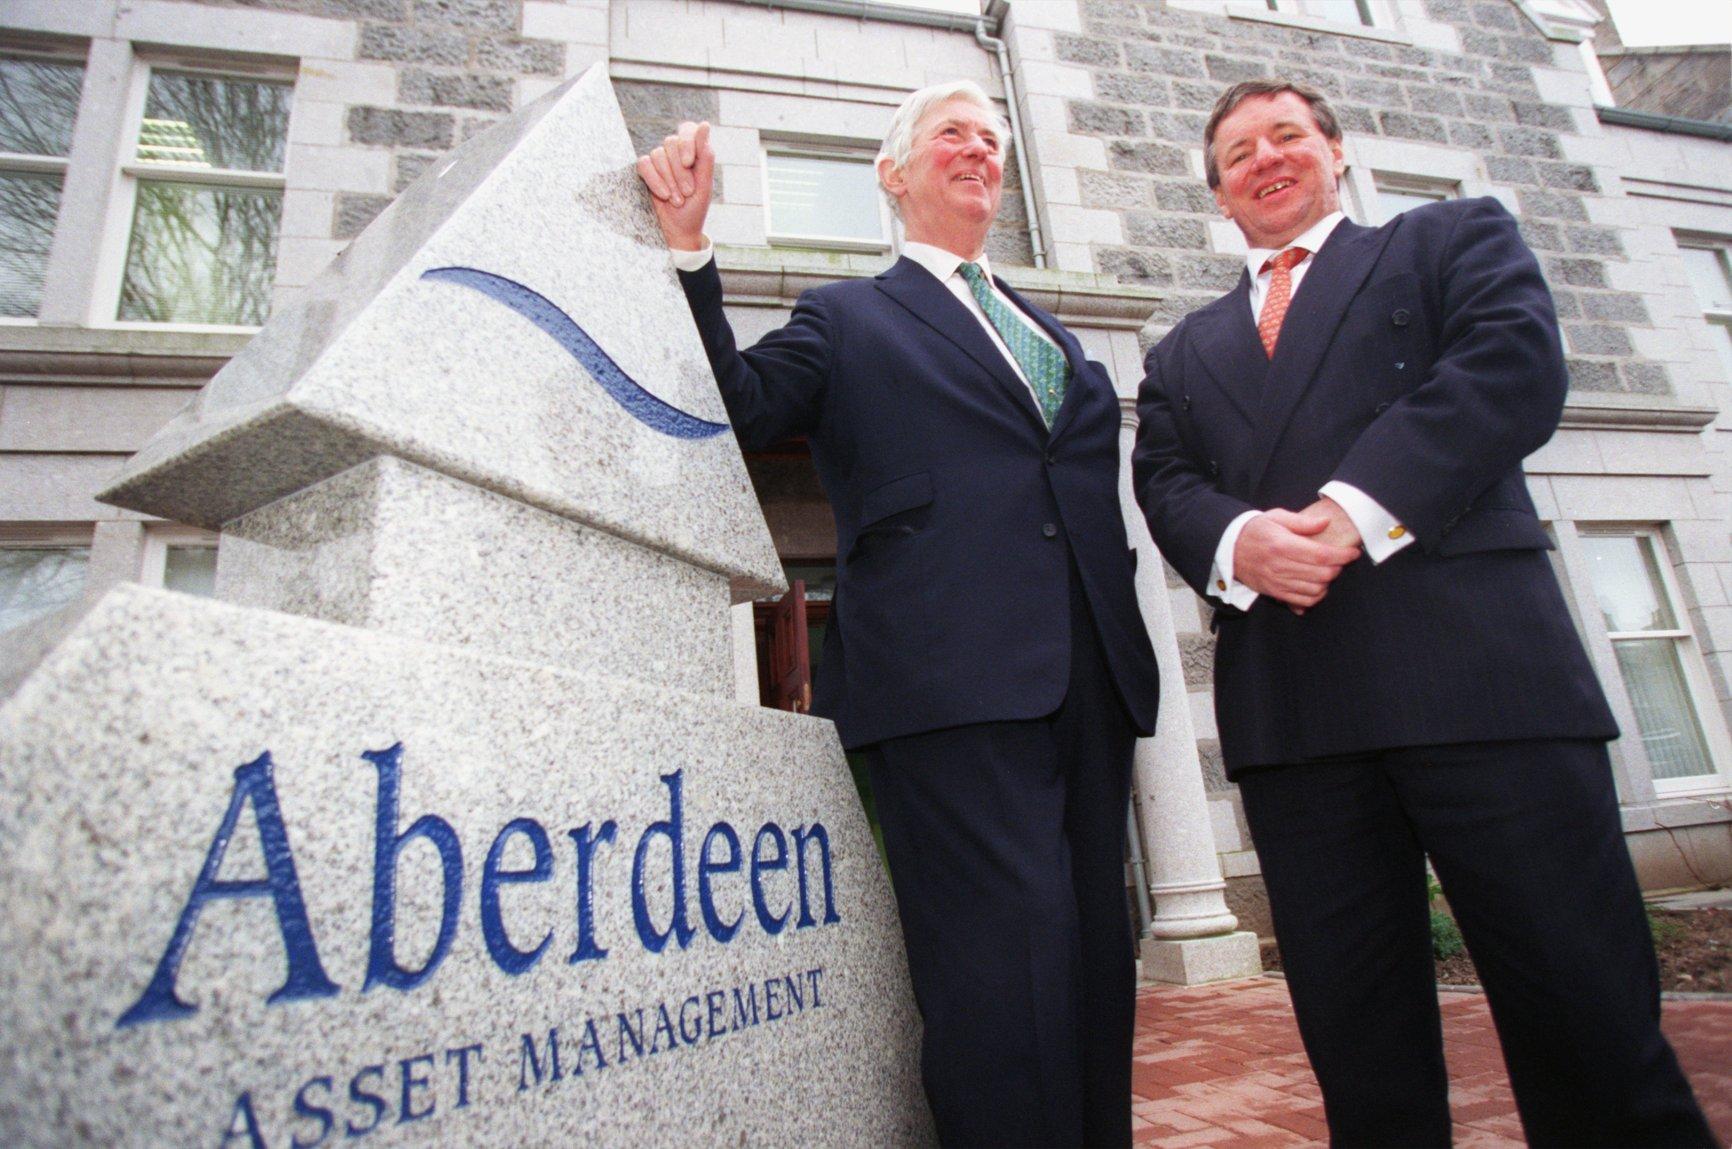 Aberdeen Asset Management's former Chairman, Angus Pelham Burn (left)